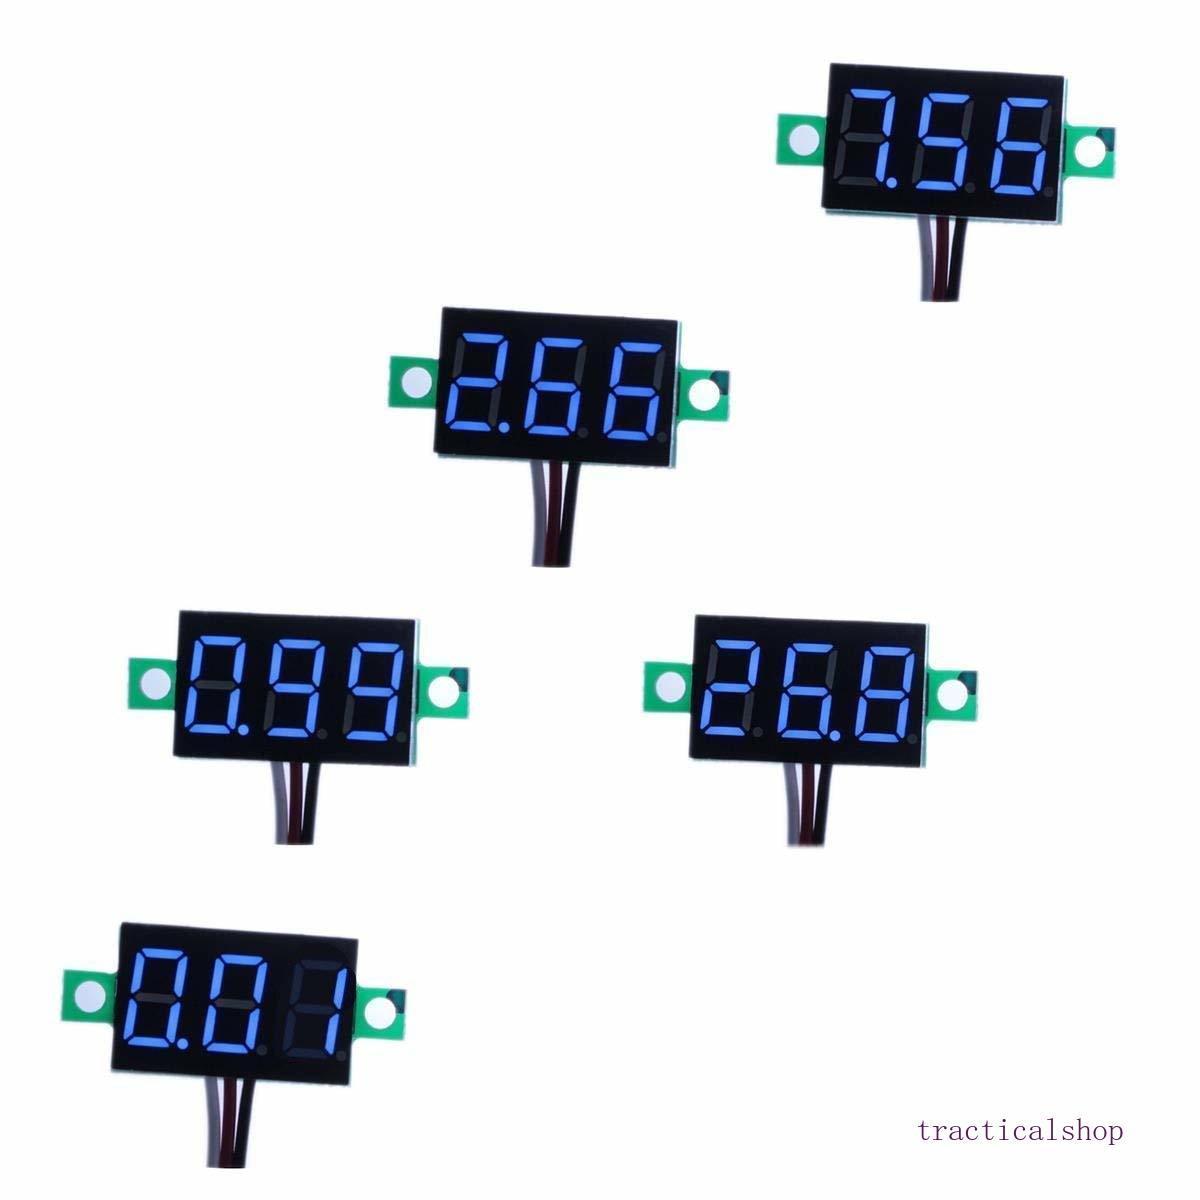 Confezione da 5 a tre fili tarabile DC 0 ~ 30V Digital Blue Mini voltmetro tester del calibro Monte Auto Moto Battery Monitor tensione di volt Meter